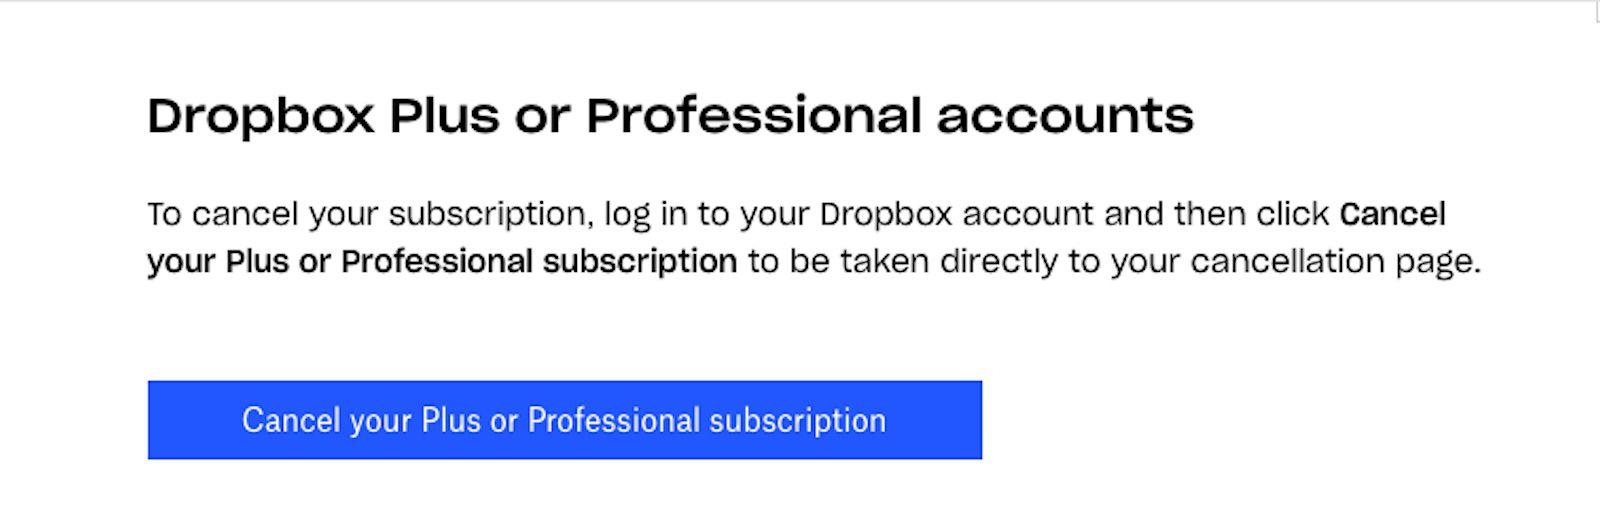 Premium dropbox leak